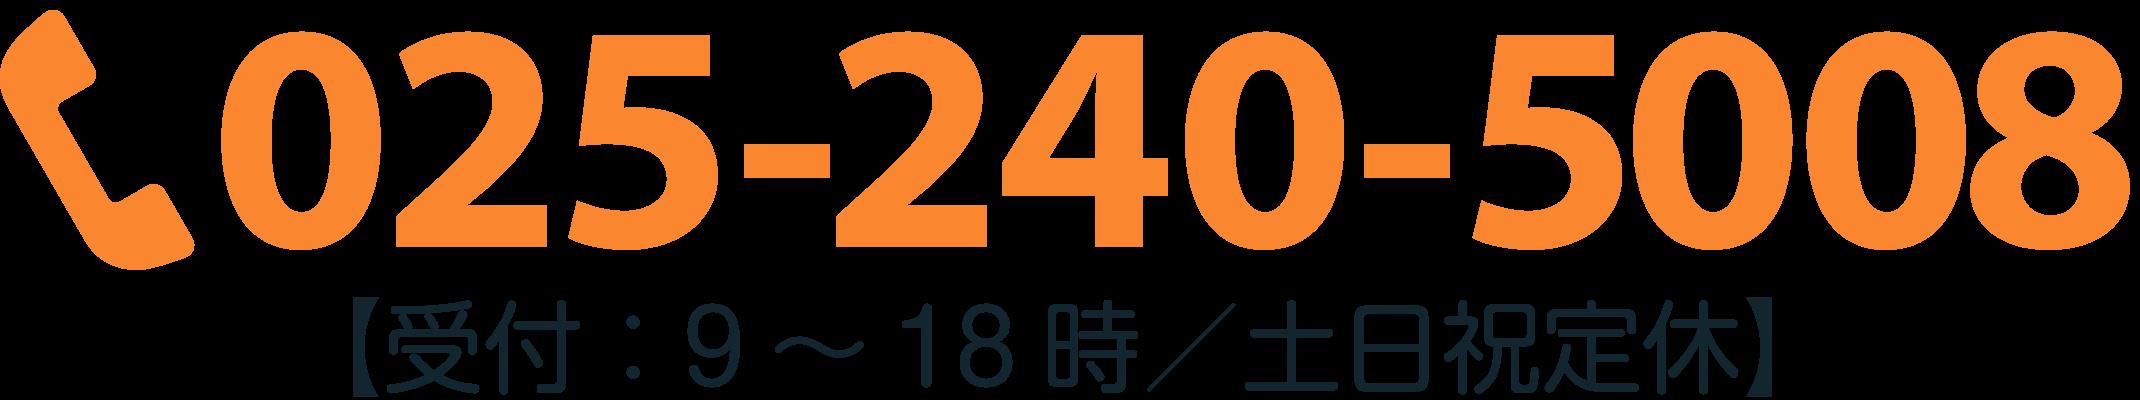 新潟市|社会保険労務士法人 大矢社労士事務所への問い合わせ&無料相談申込みダイヤル